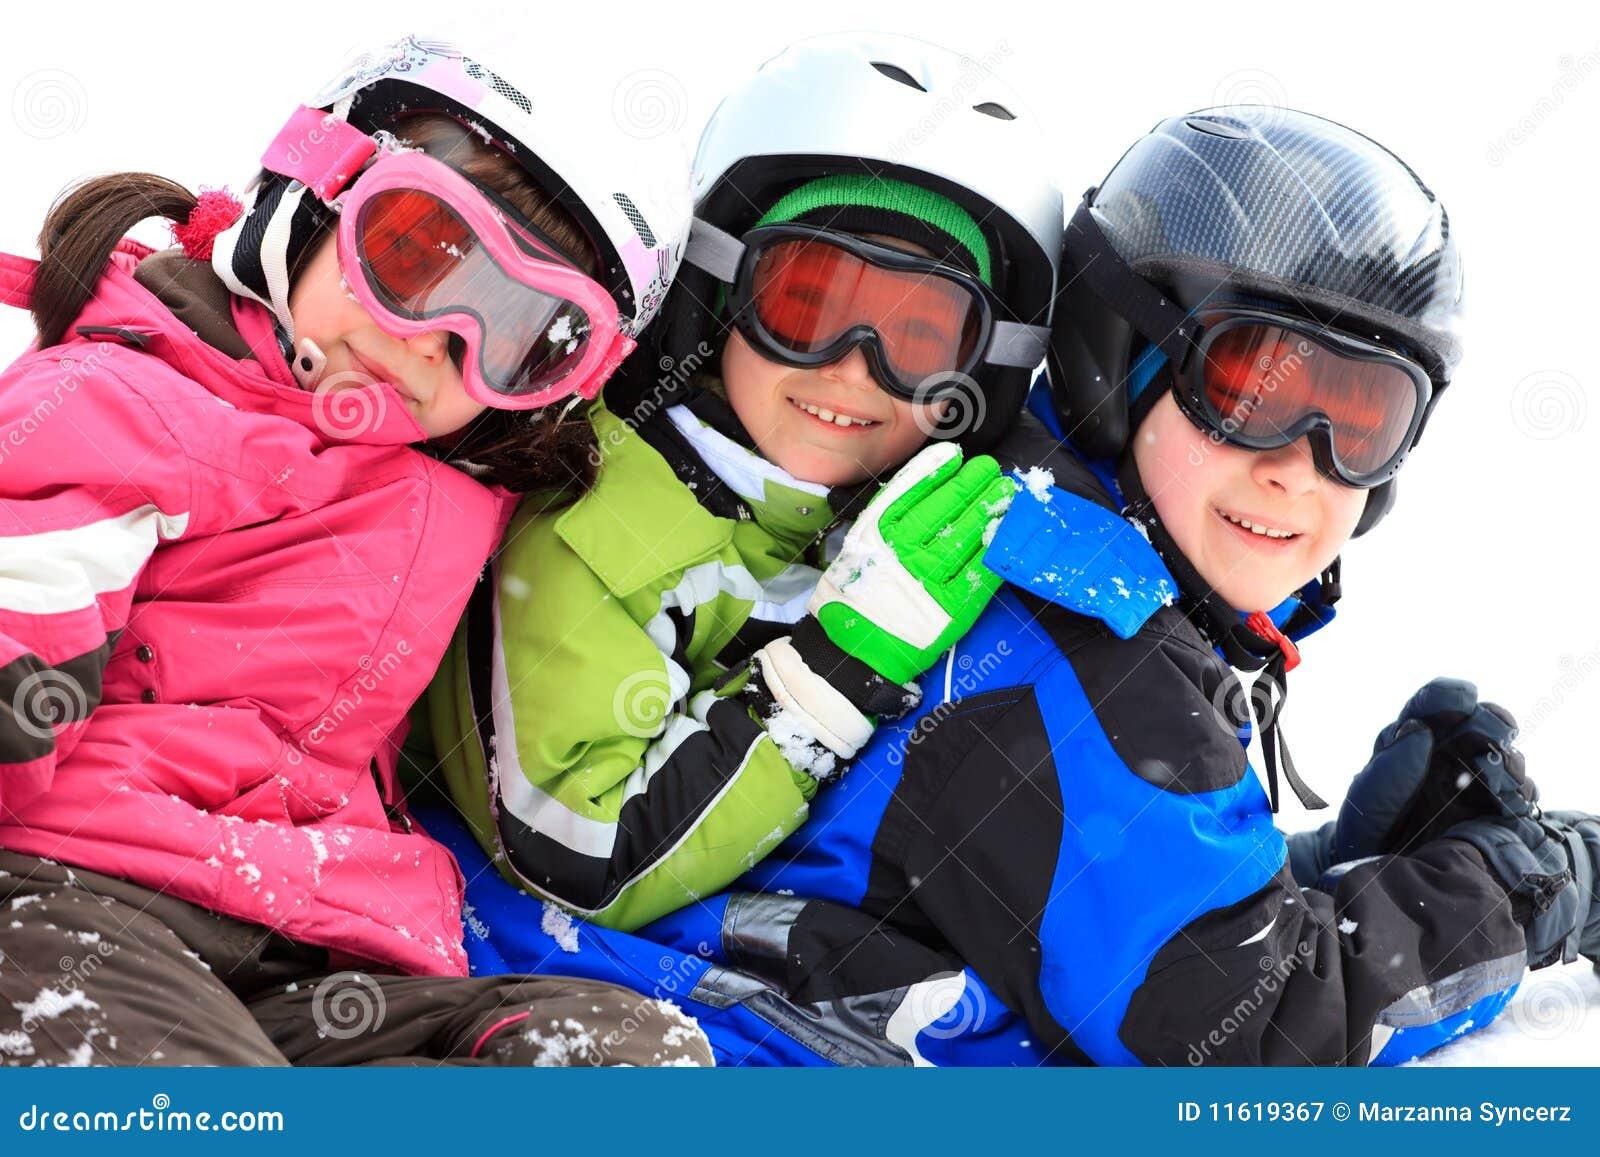 Children in winter gear